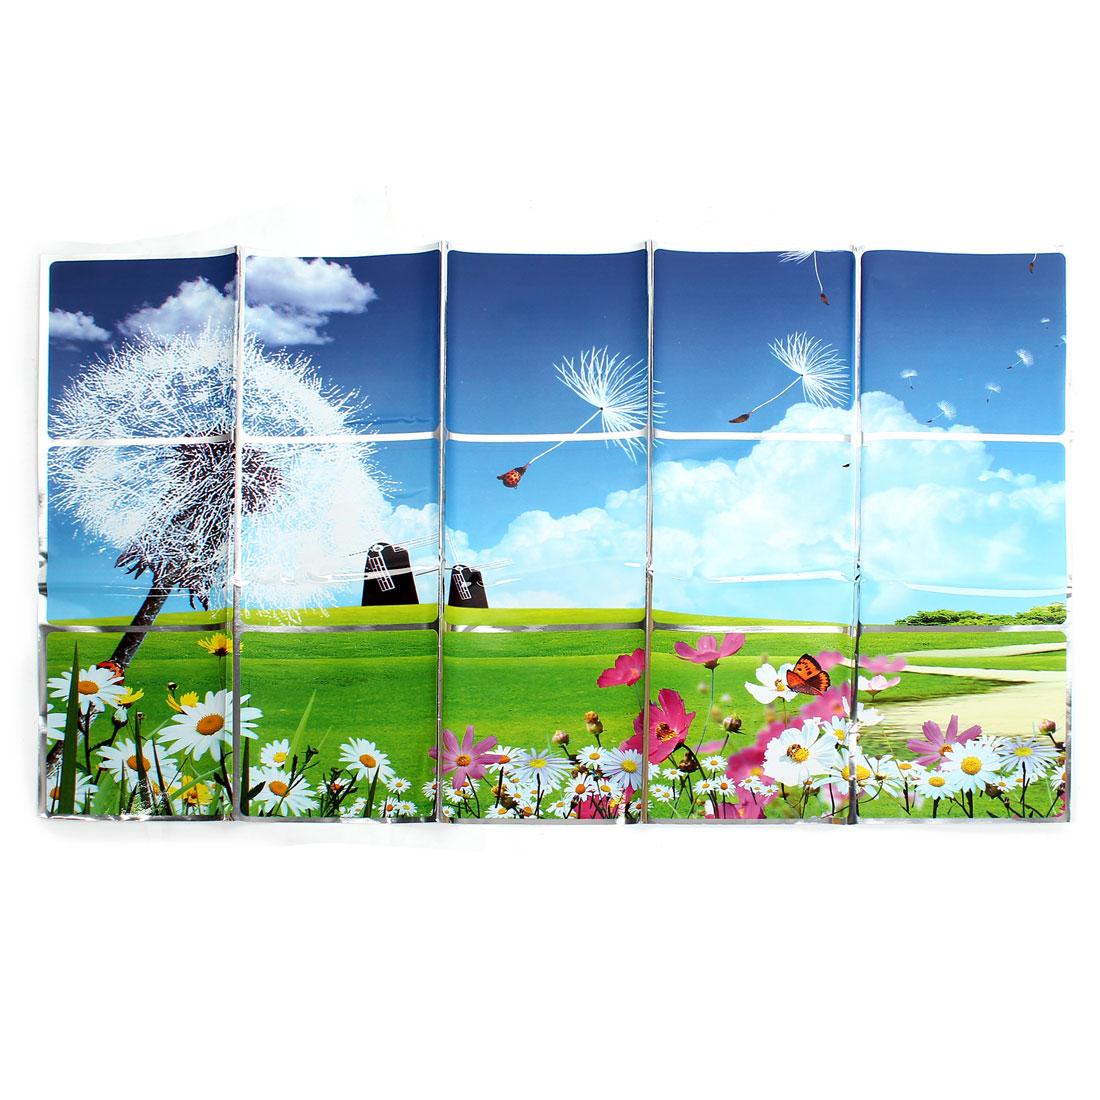 Kitchen Blue White Dandelion Sunflower Pattern Wall Sticker Decal 75cmx45cm